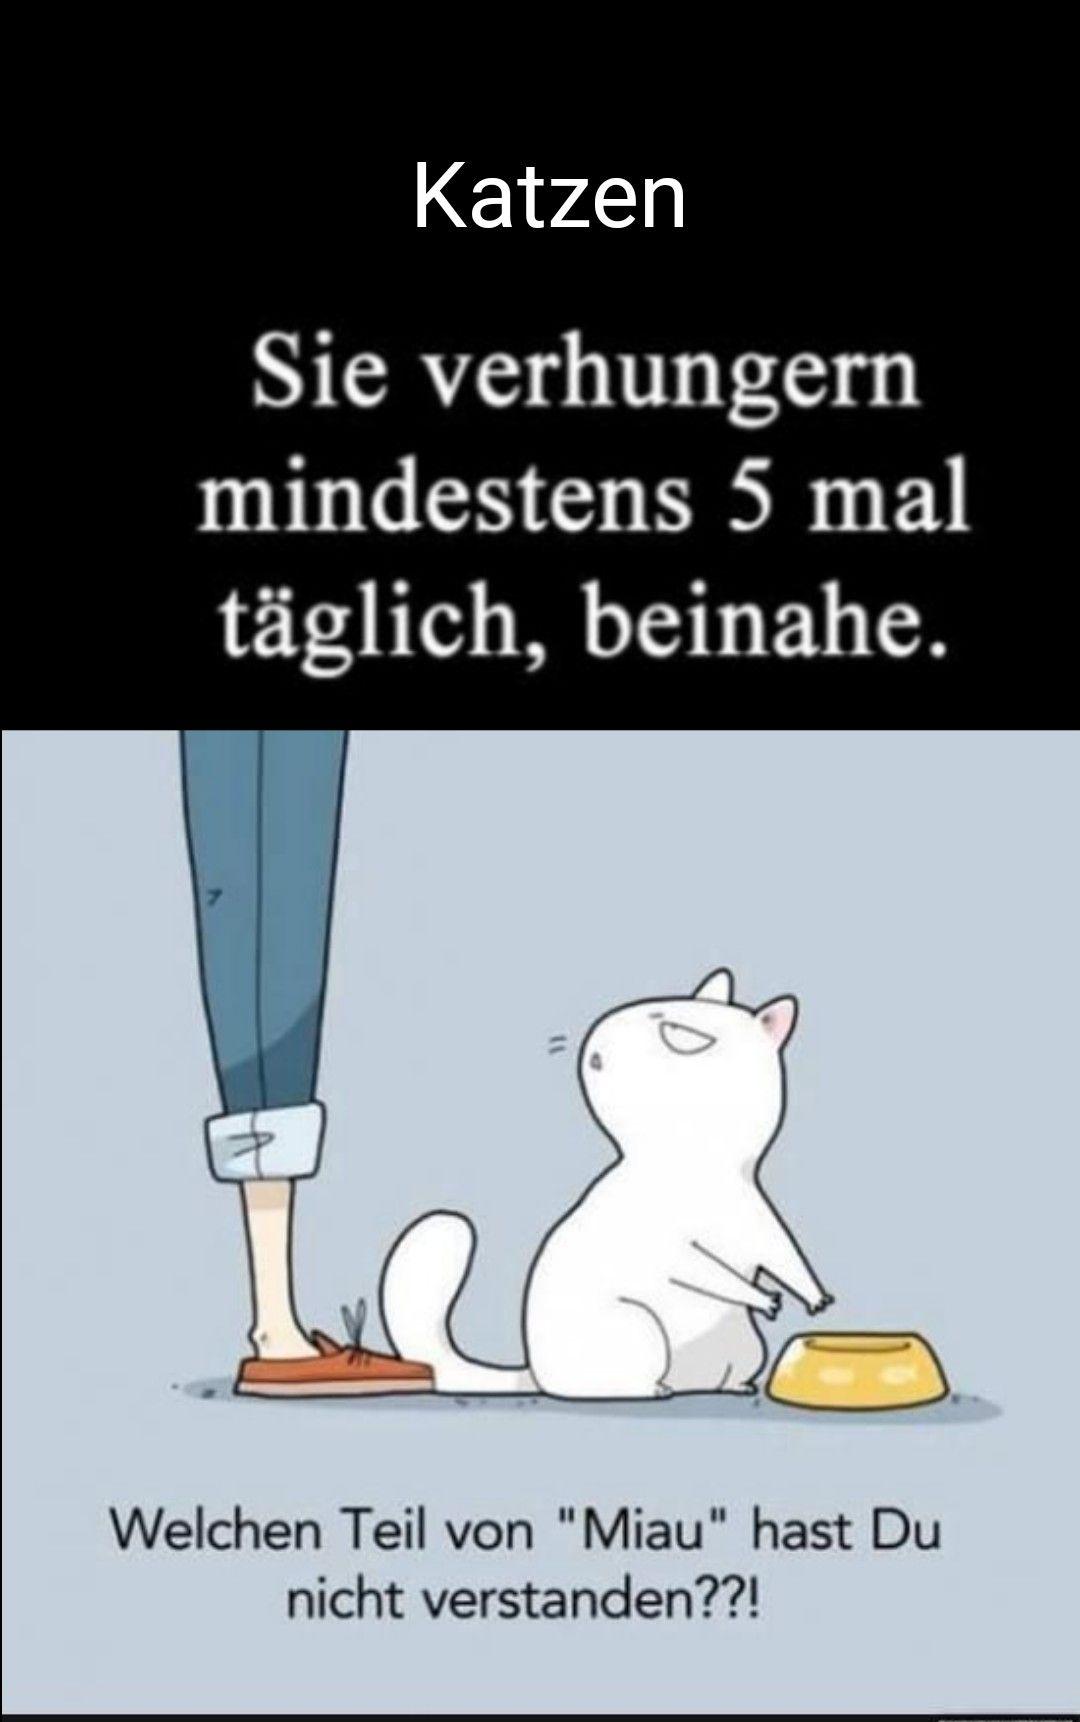 Pin Von A Santa Auf Spruche Leben 1 Echt Witzig Lustige Spruche Katze Lustig